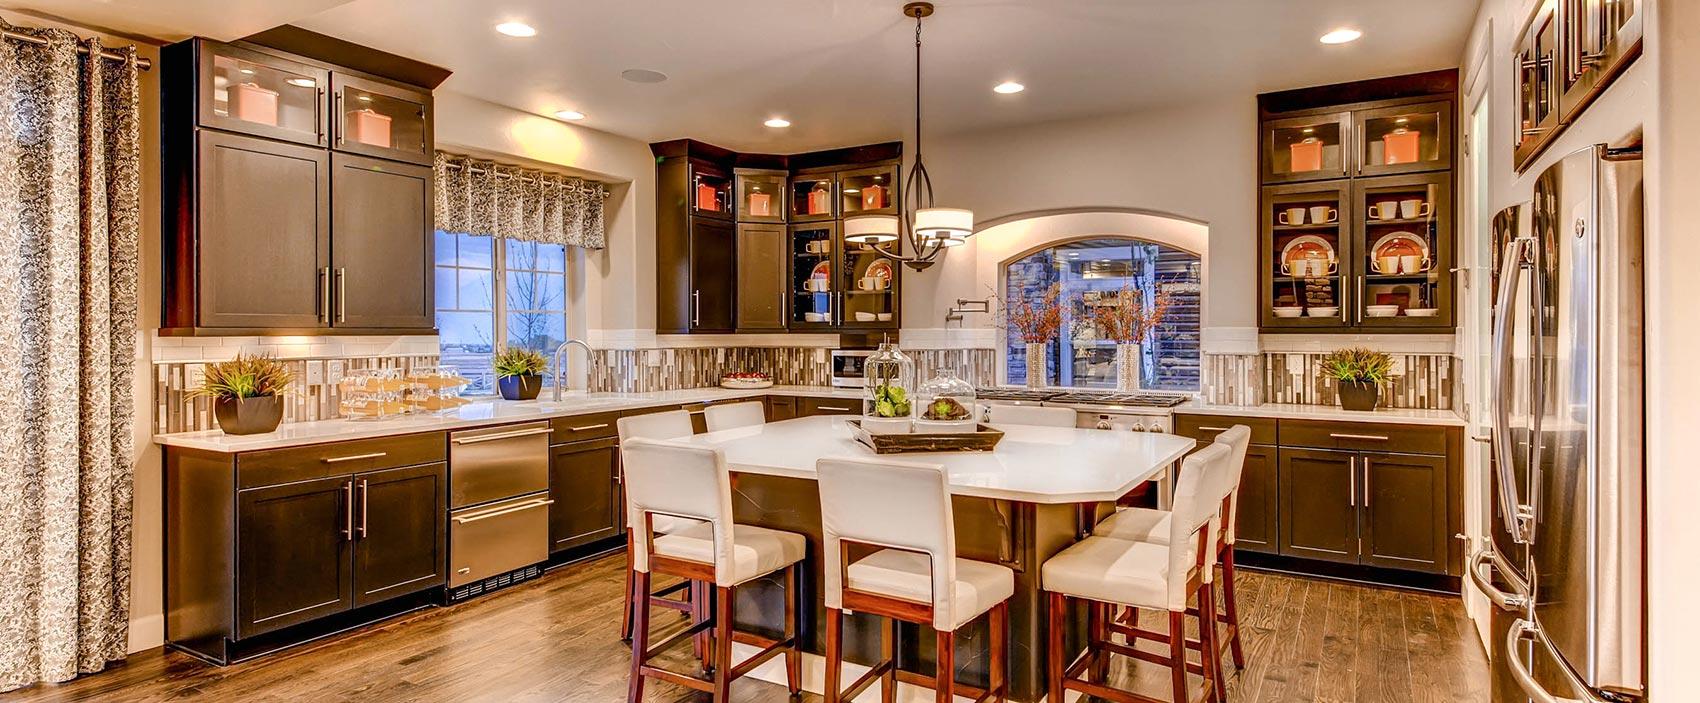 Your Home Design Center Colorado Springs